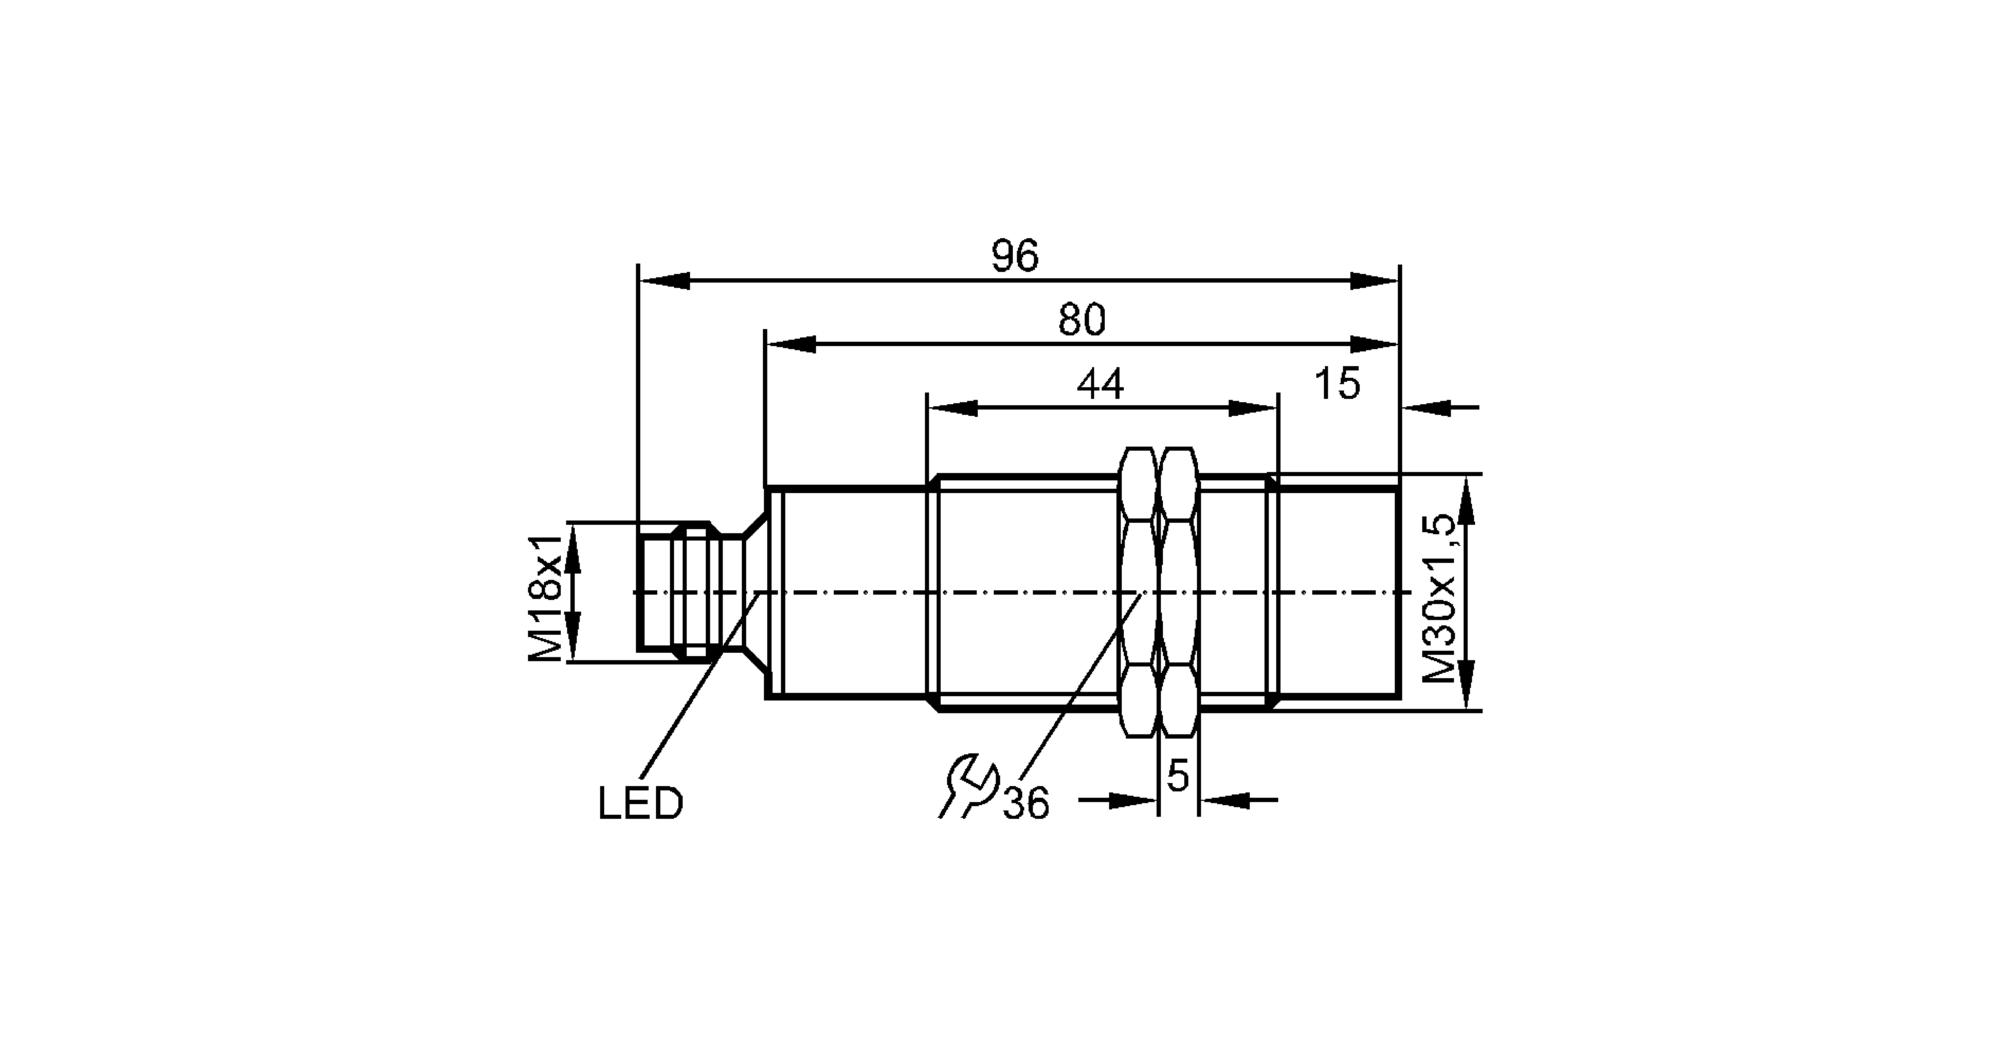 ii5483 - inductive sensor